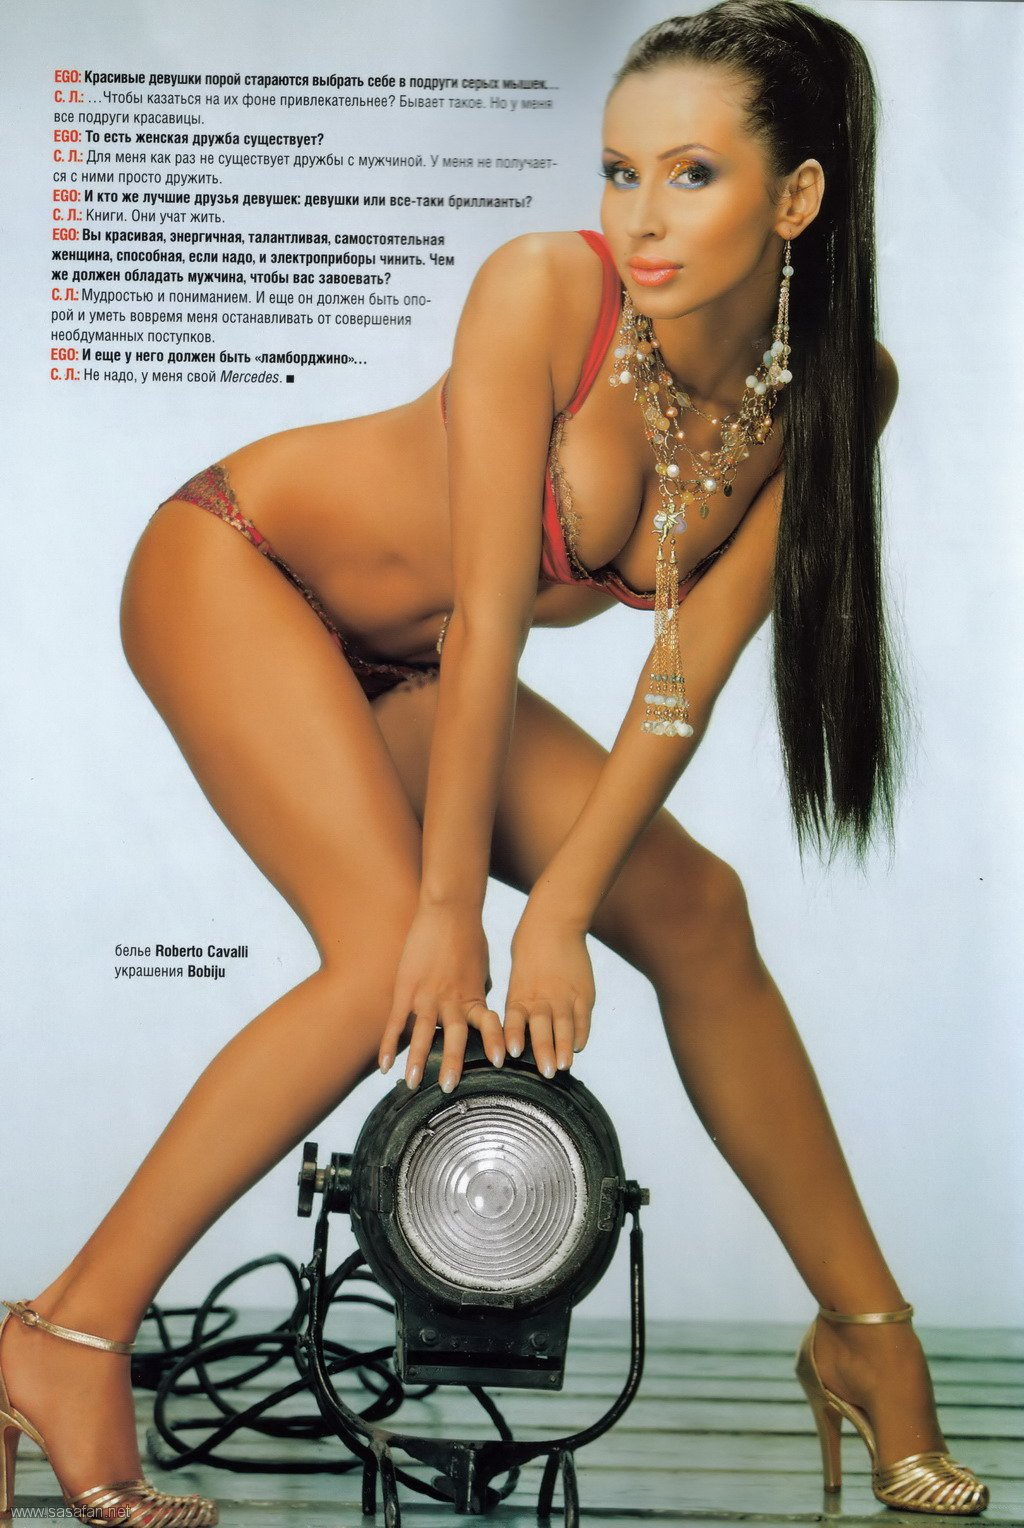 Смотреть онлайн голых украинских звезд шоу бизнеса 21 фотография